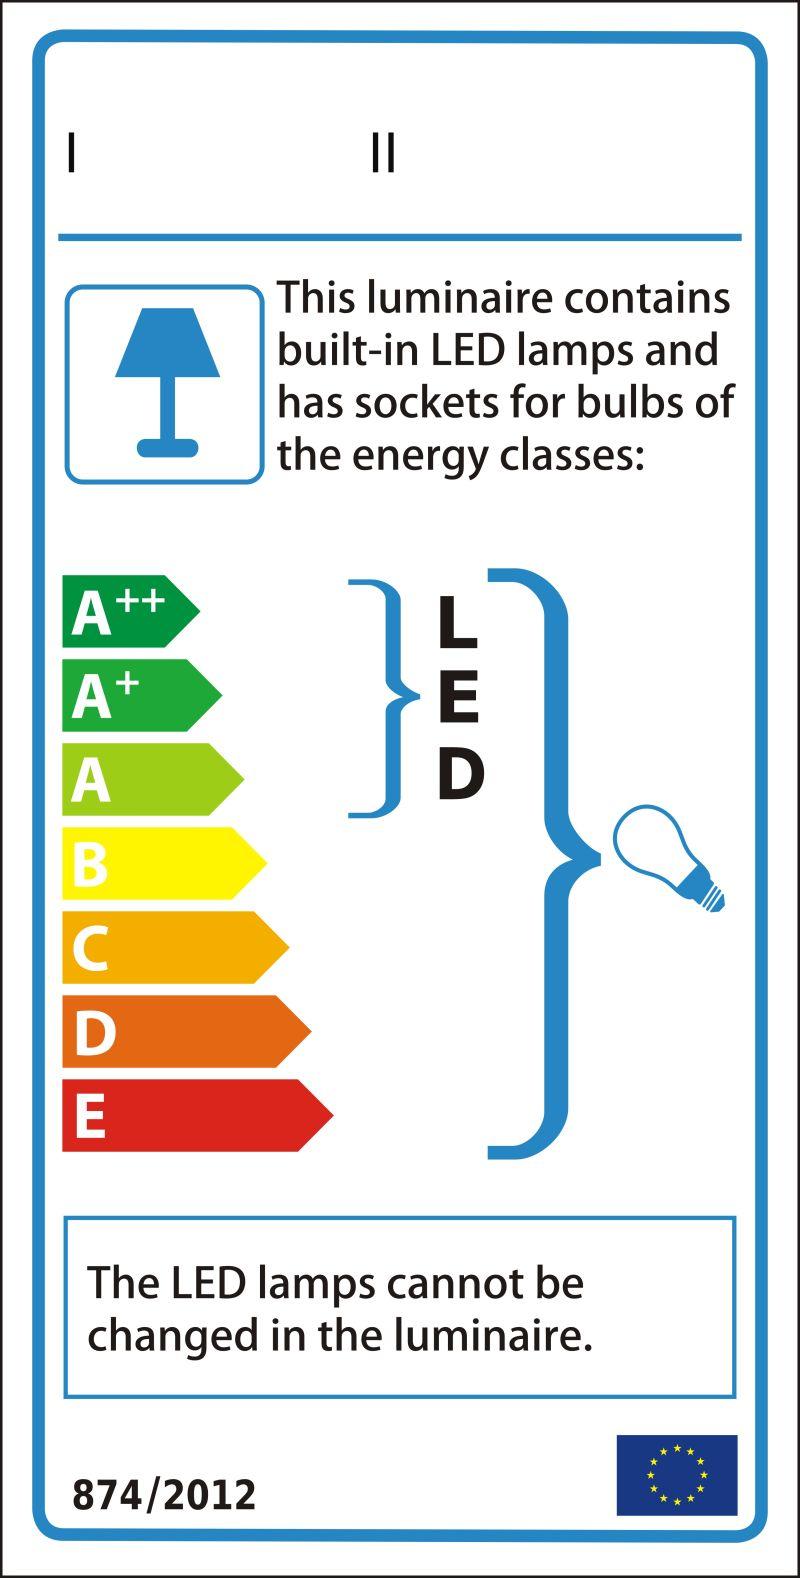 灯具新能源评级图形标签矢量